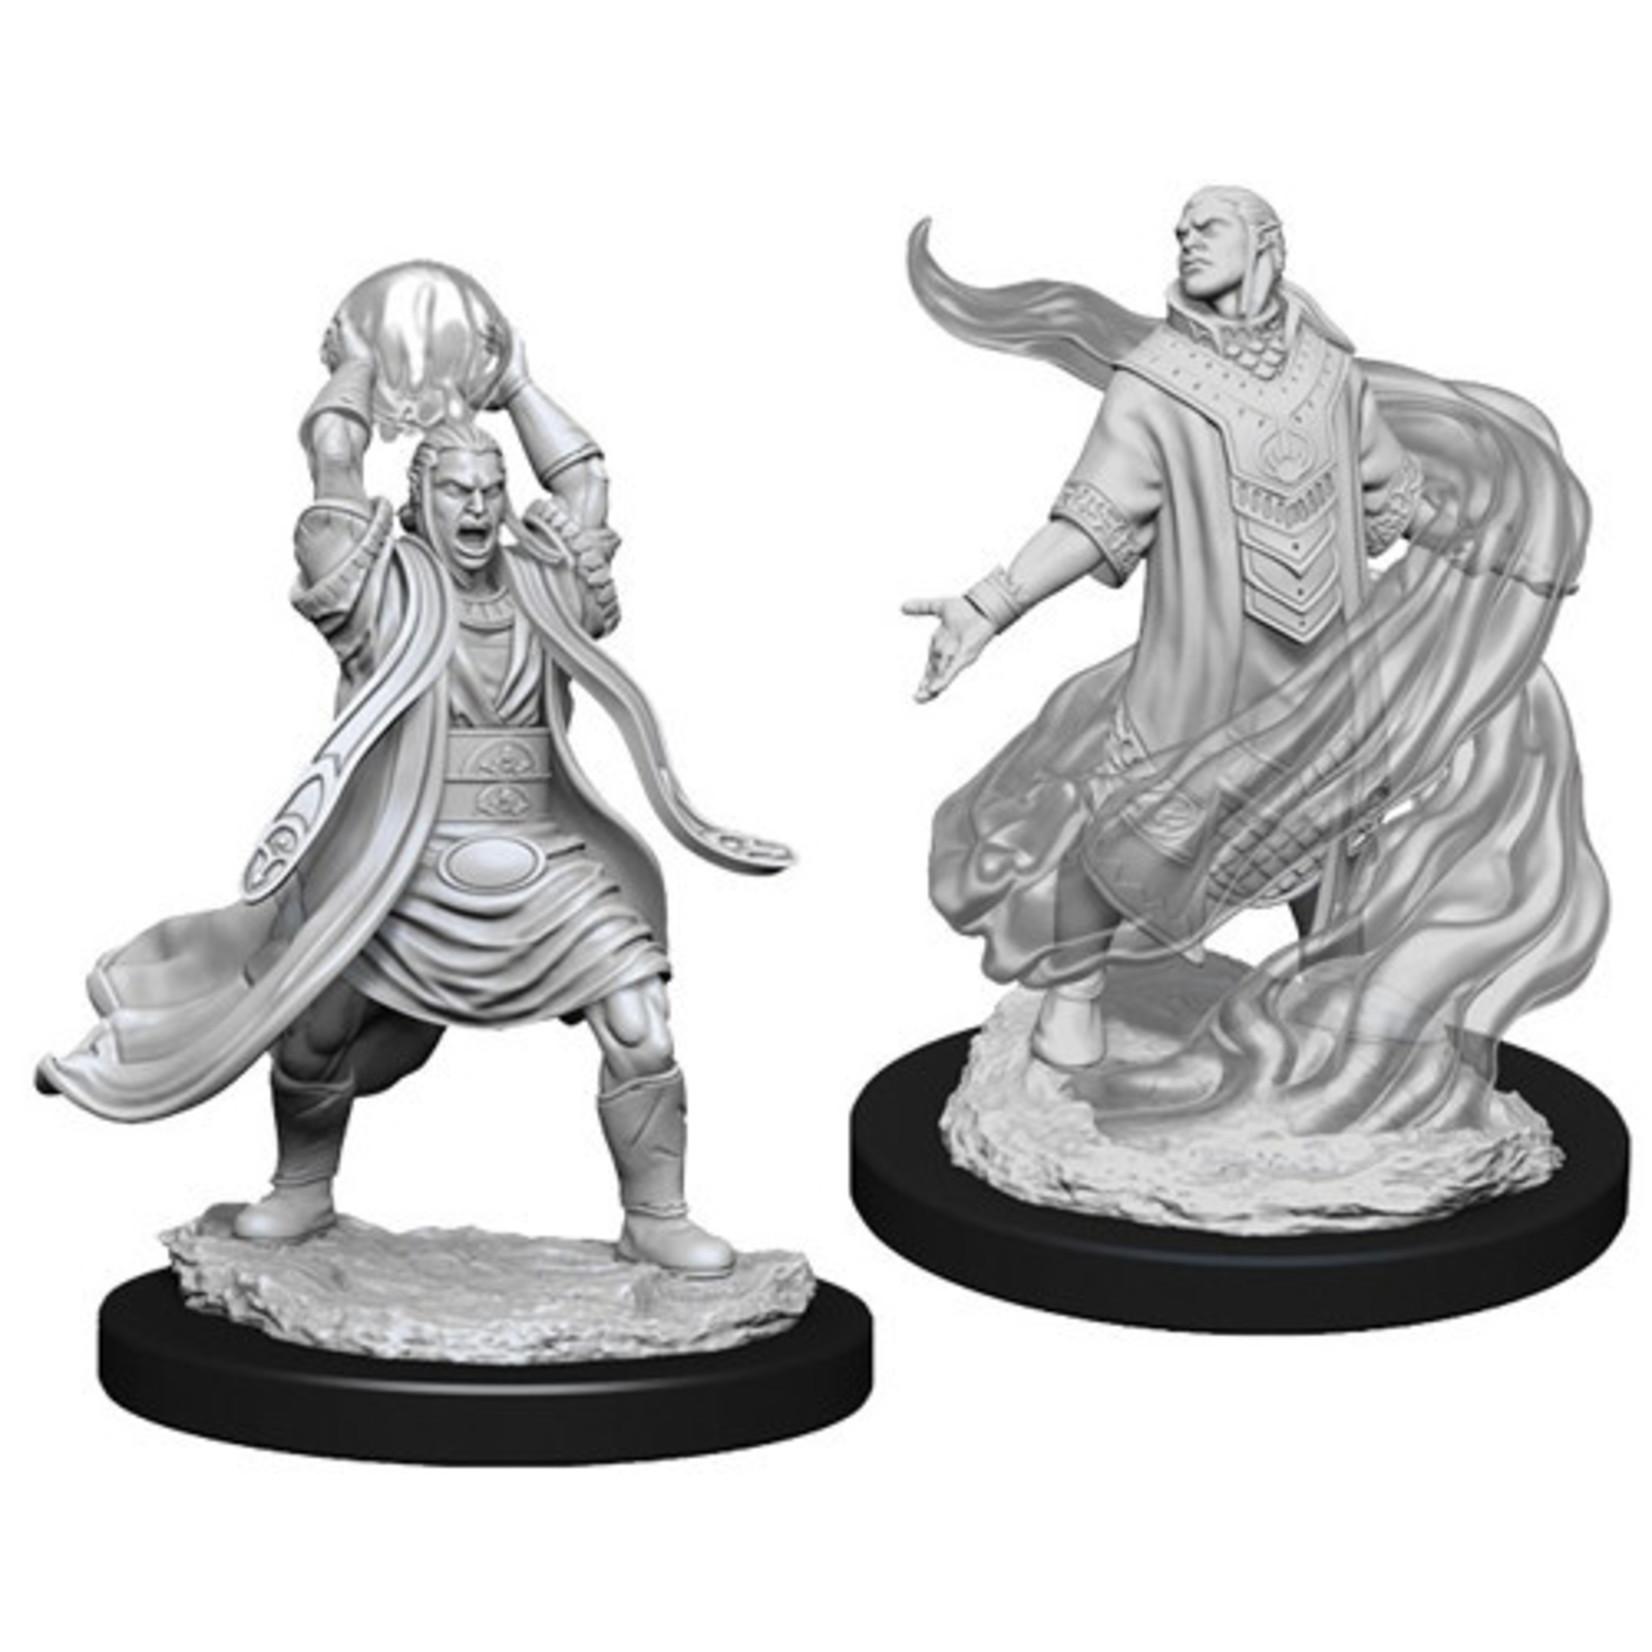 WizKids/Neca 90005 Nolzur's Male Elf Sorceror